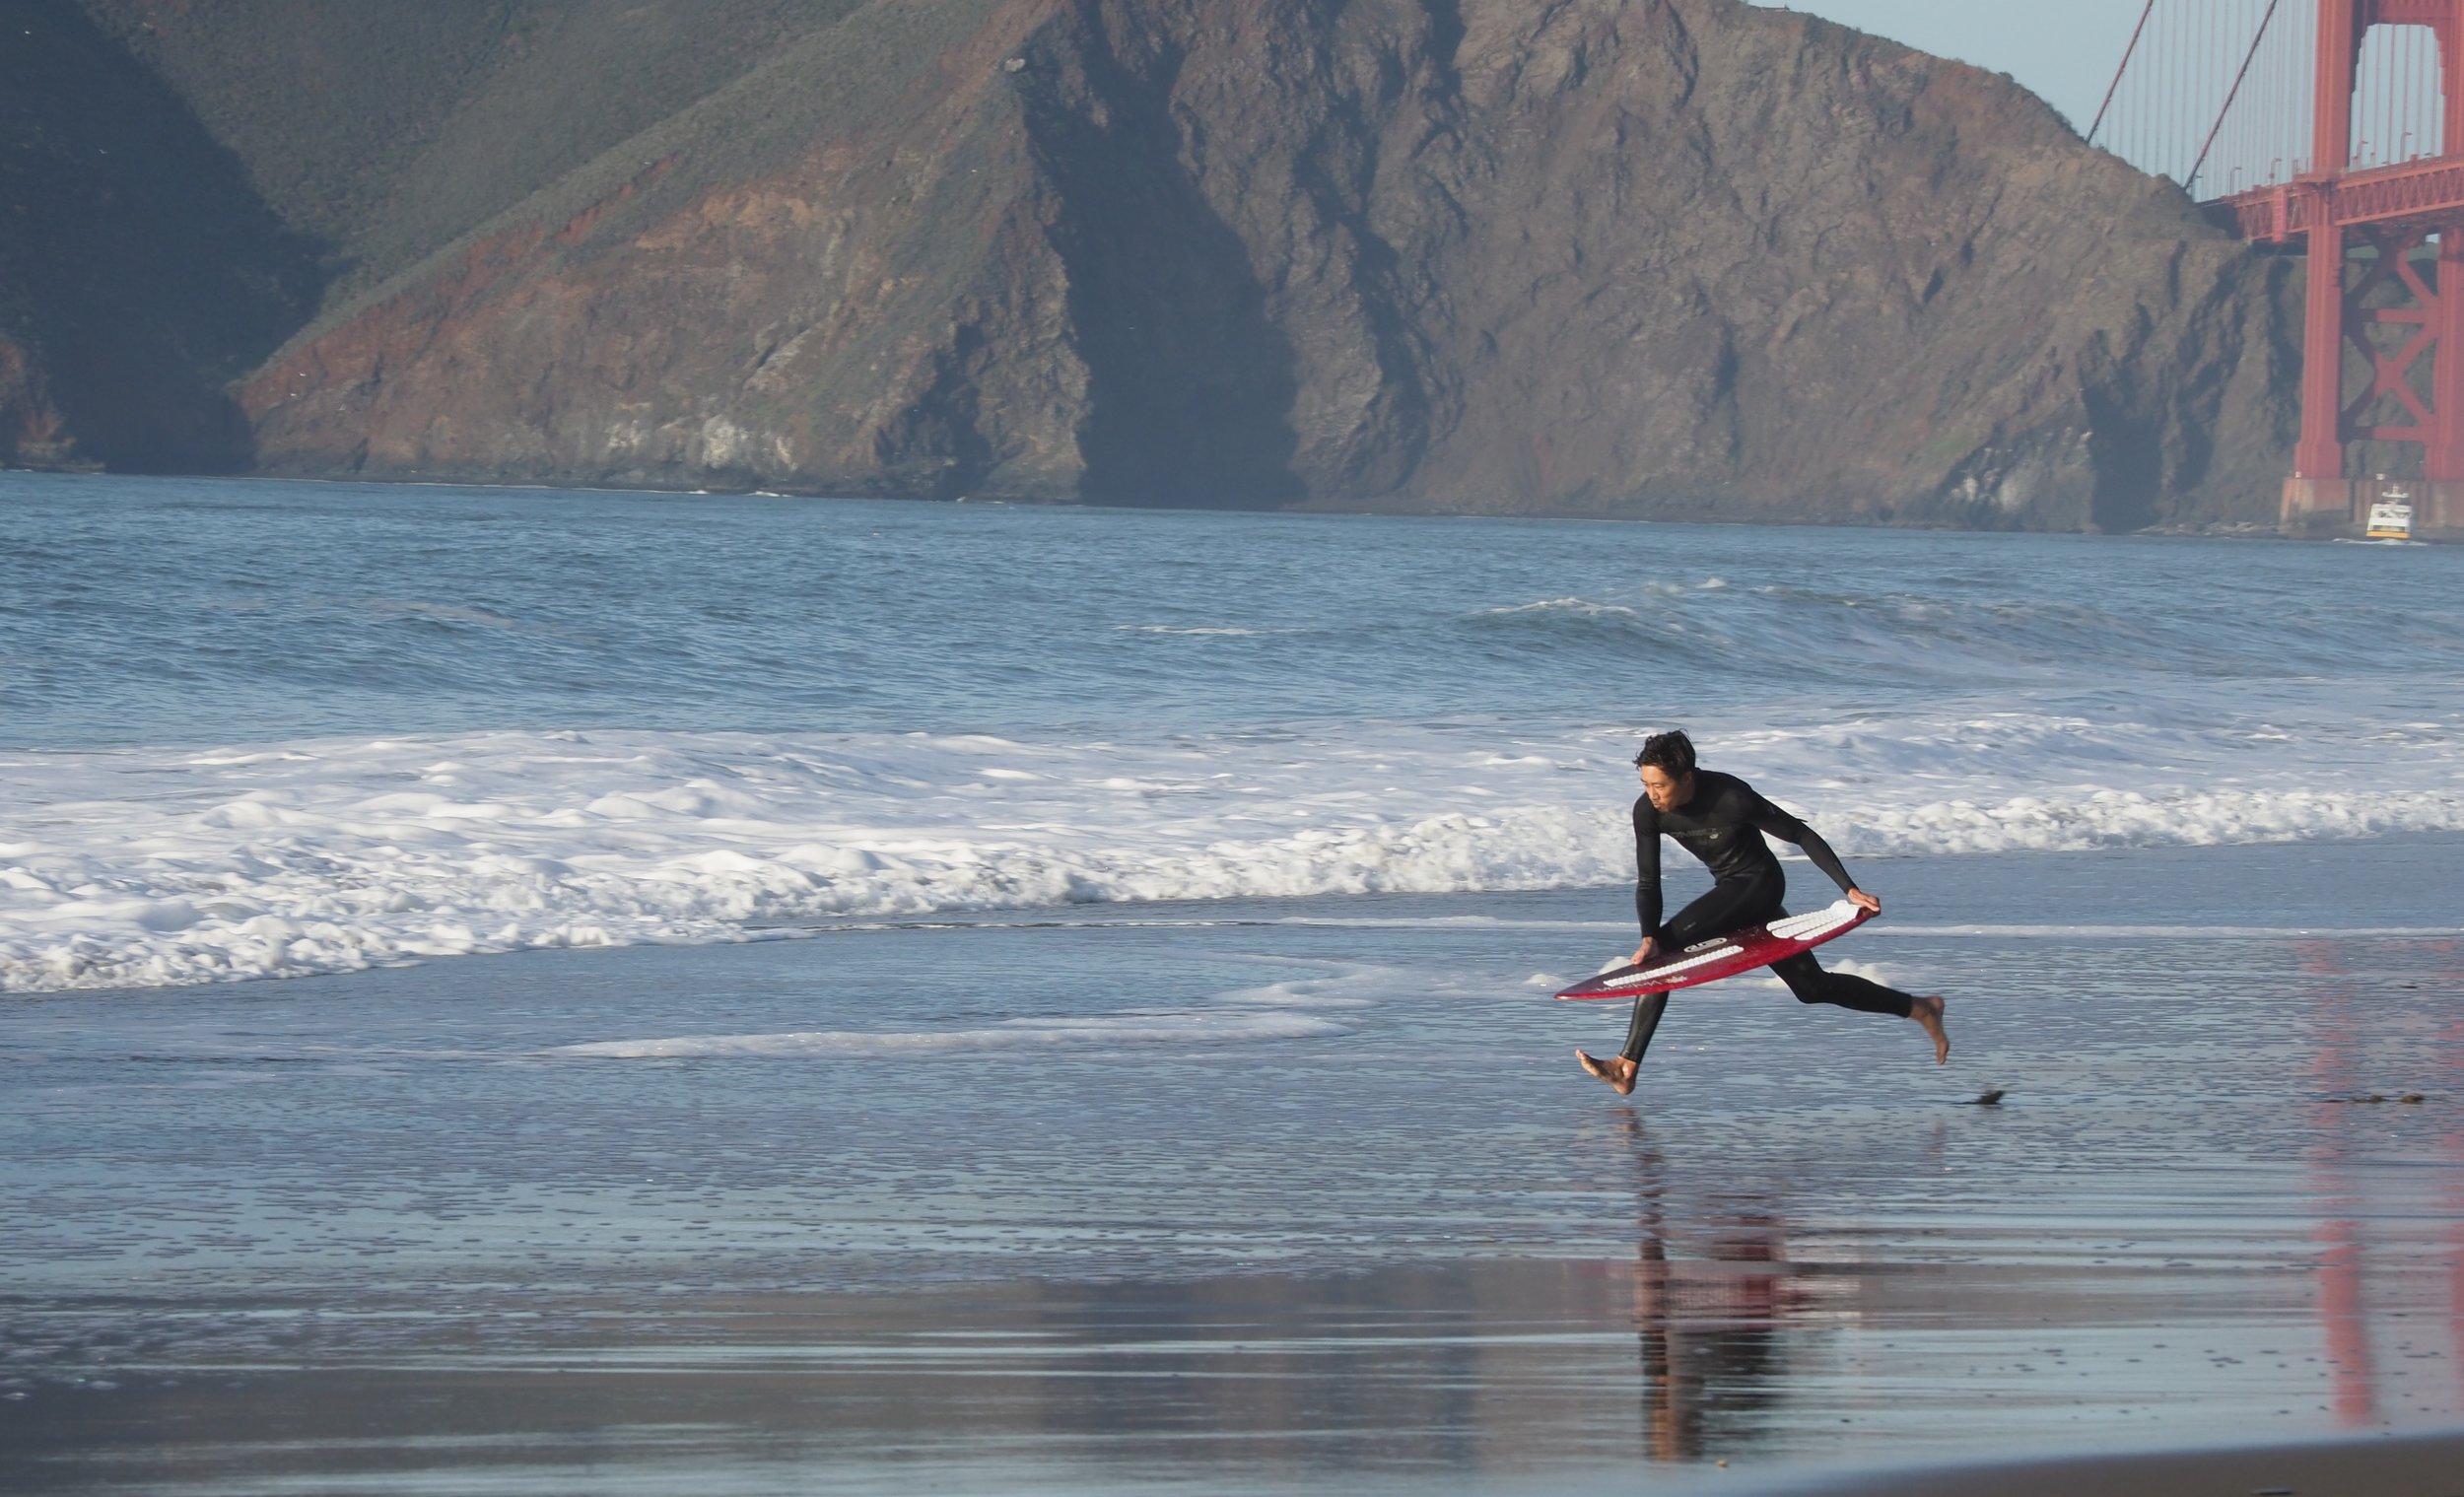 surfer air.jpg